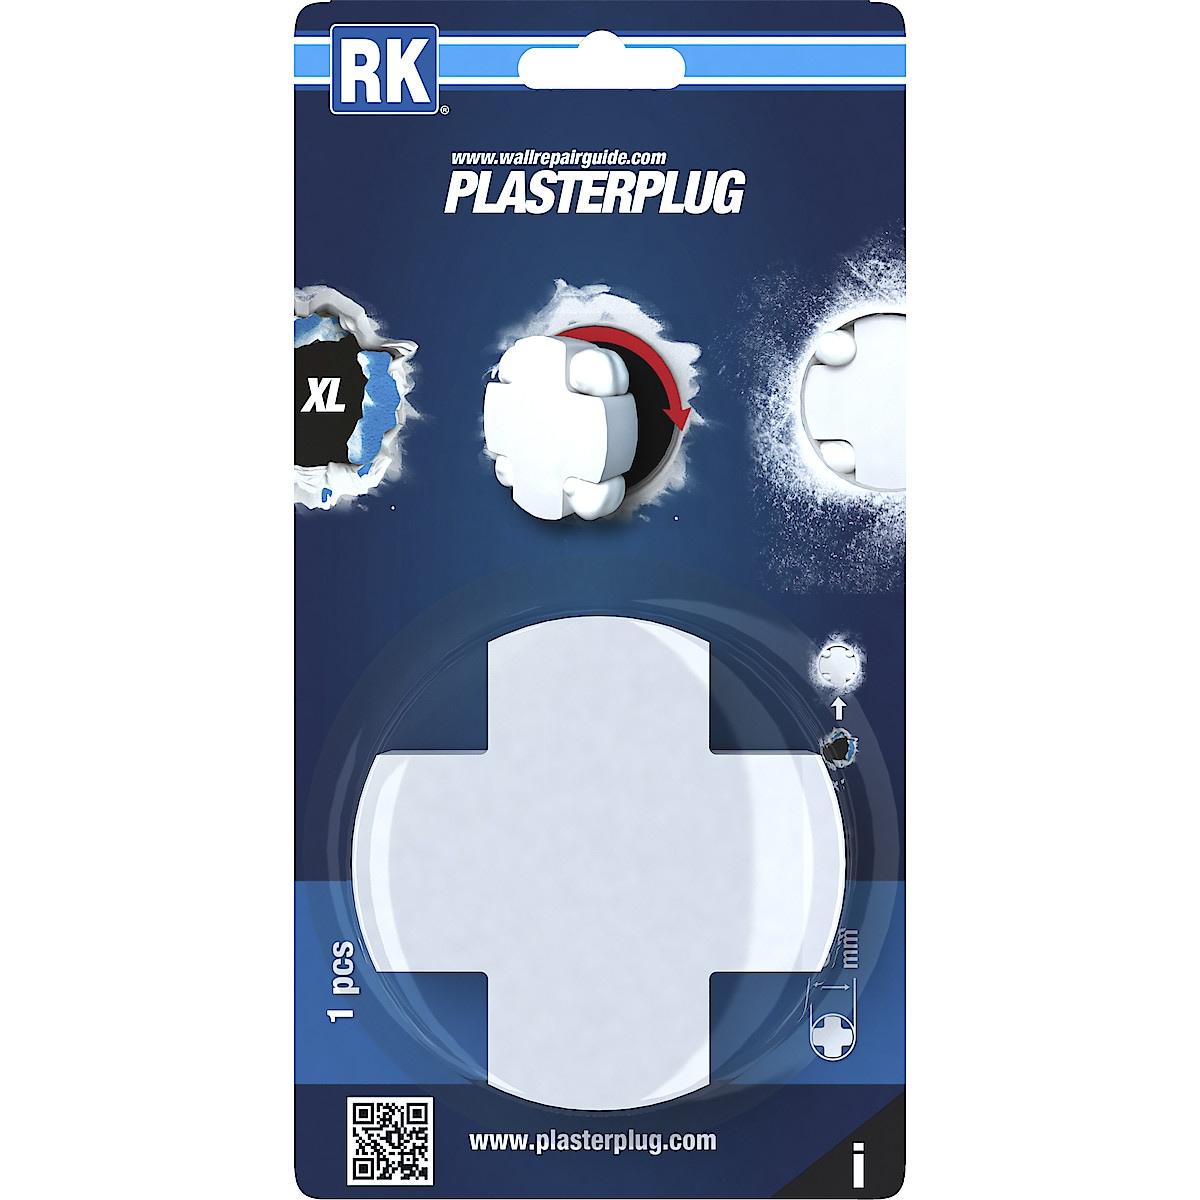 Plasterplug RK